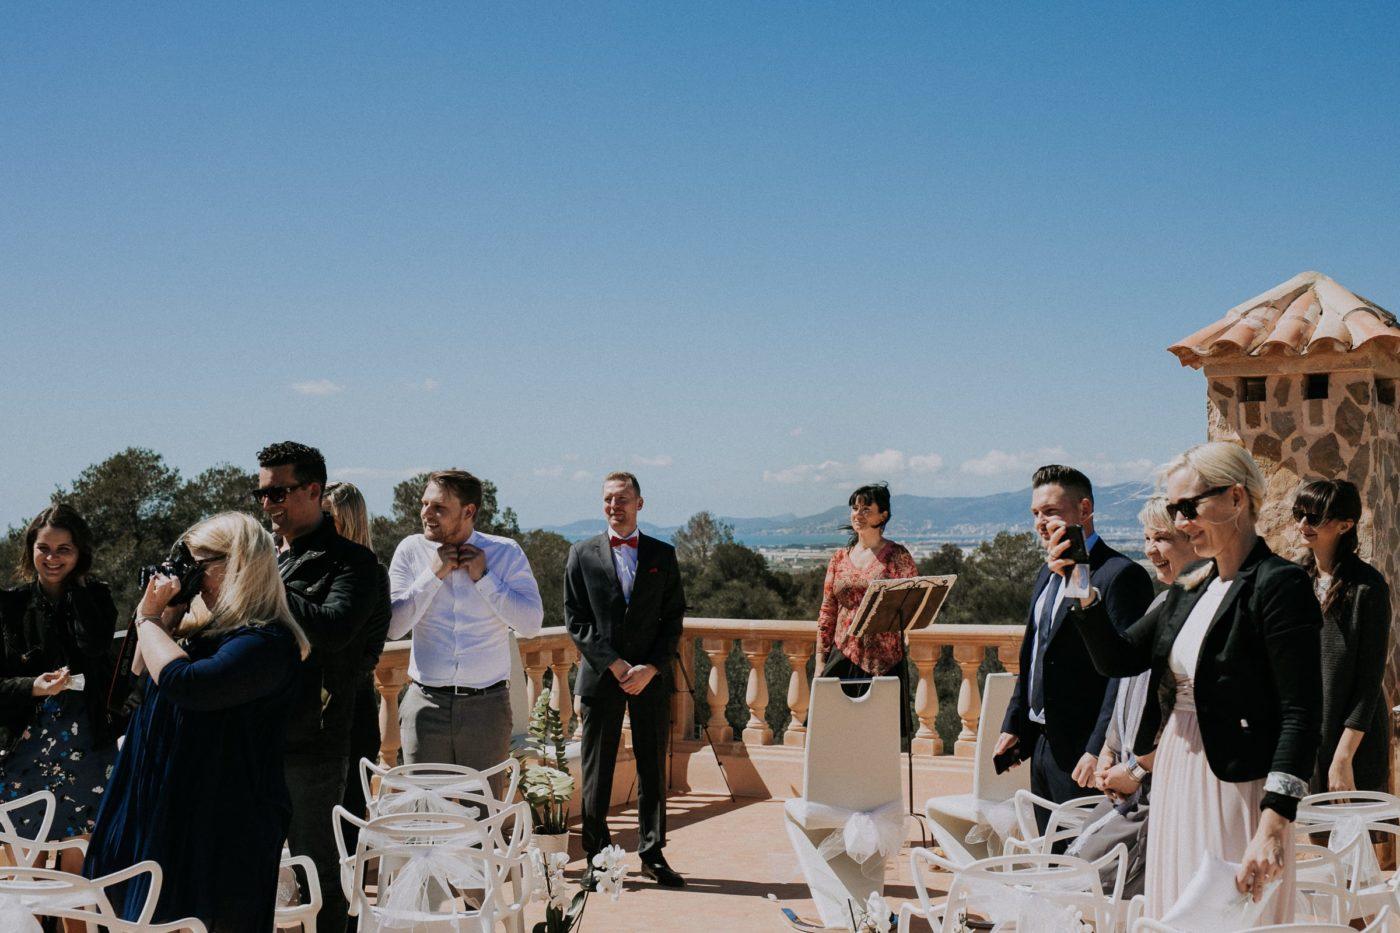 Der Bräutigam, ich und die Gäste warten gespannt auf die Braut.